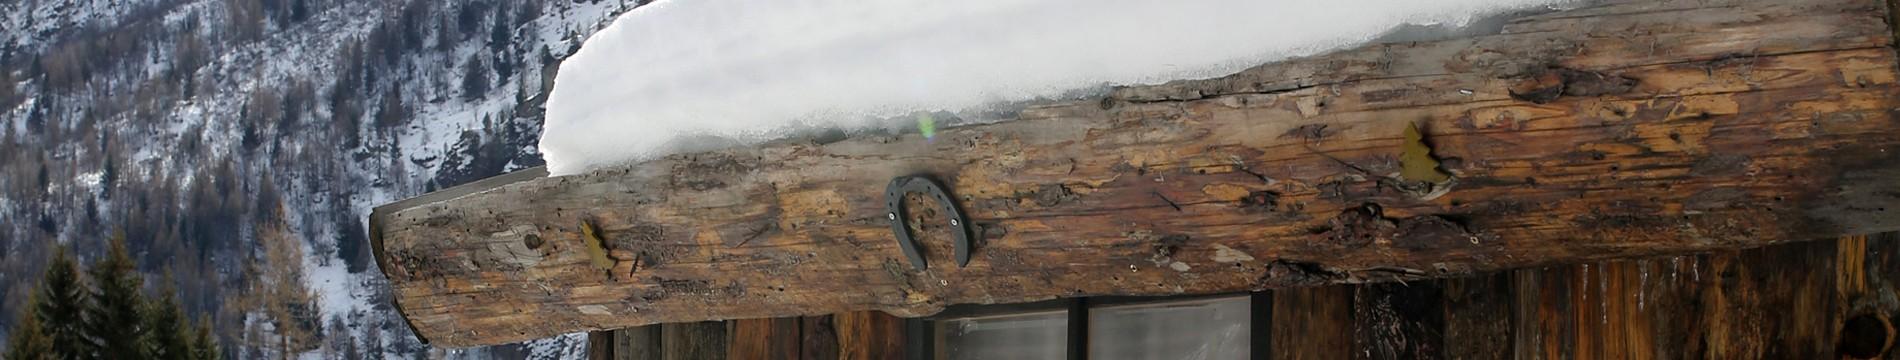 tetiere-ingenie-hiver-21-6959